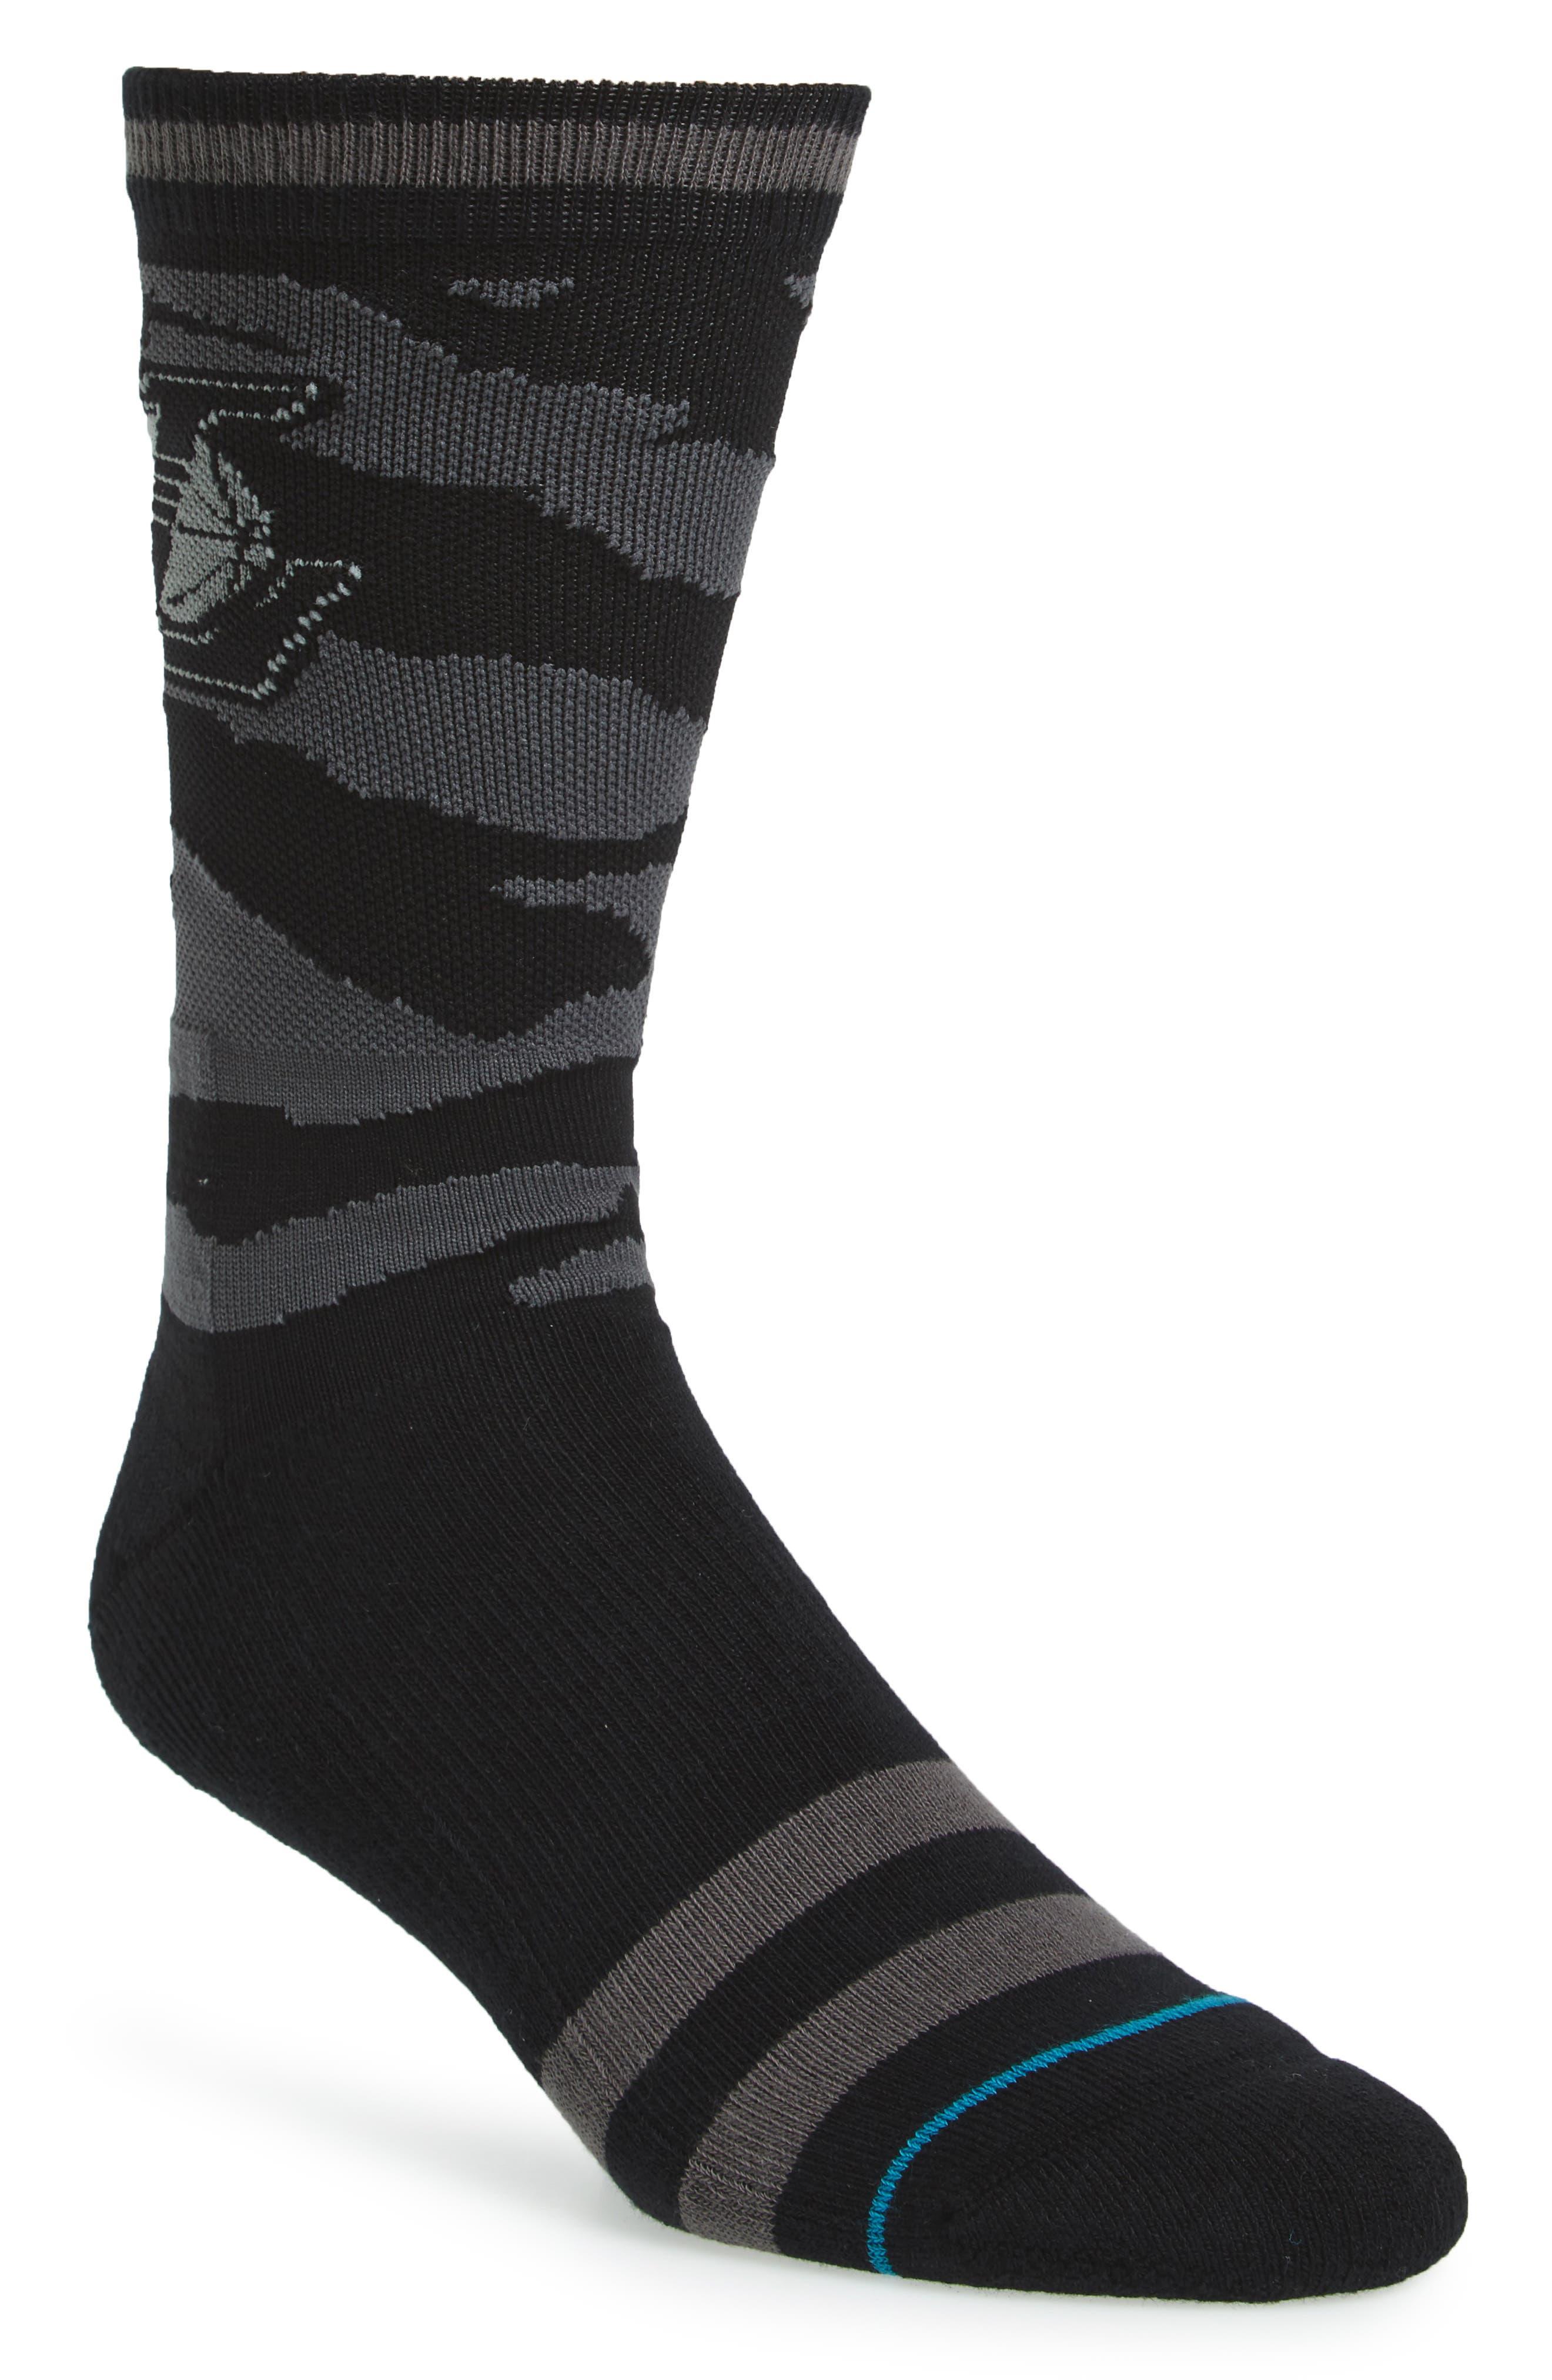 NBA Casual Nightfall Lakers Socks,                         Main,                         color, 001